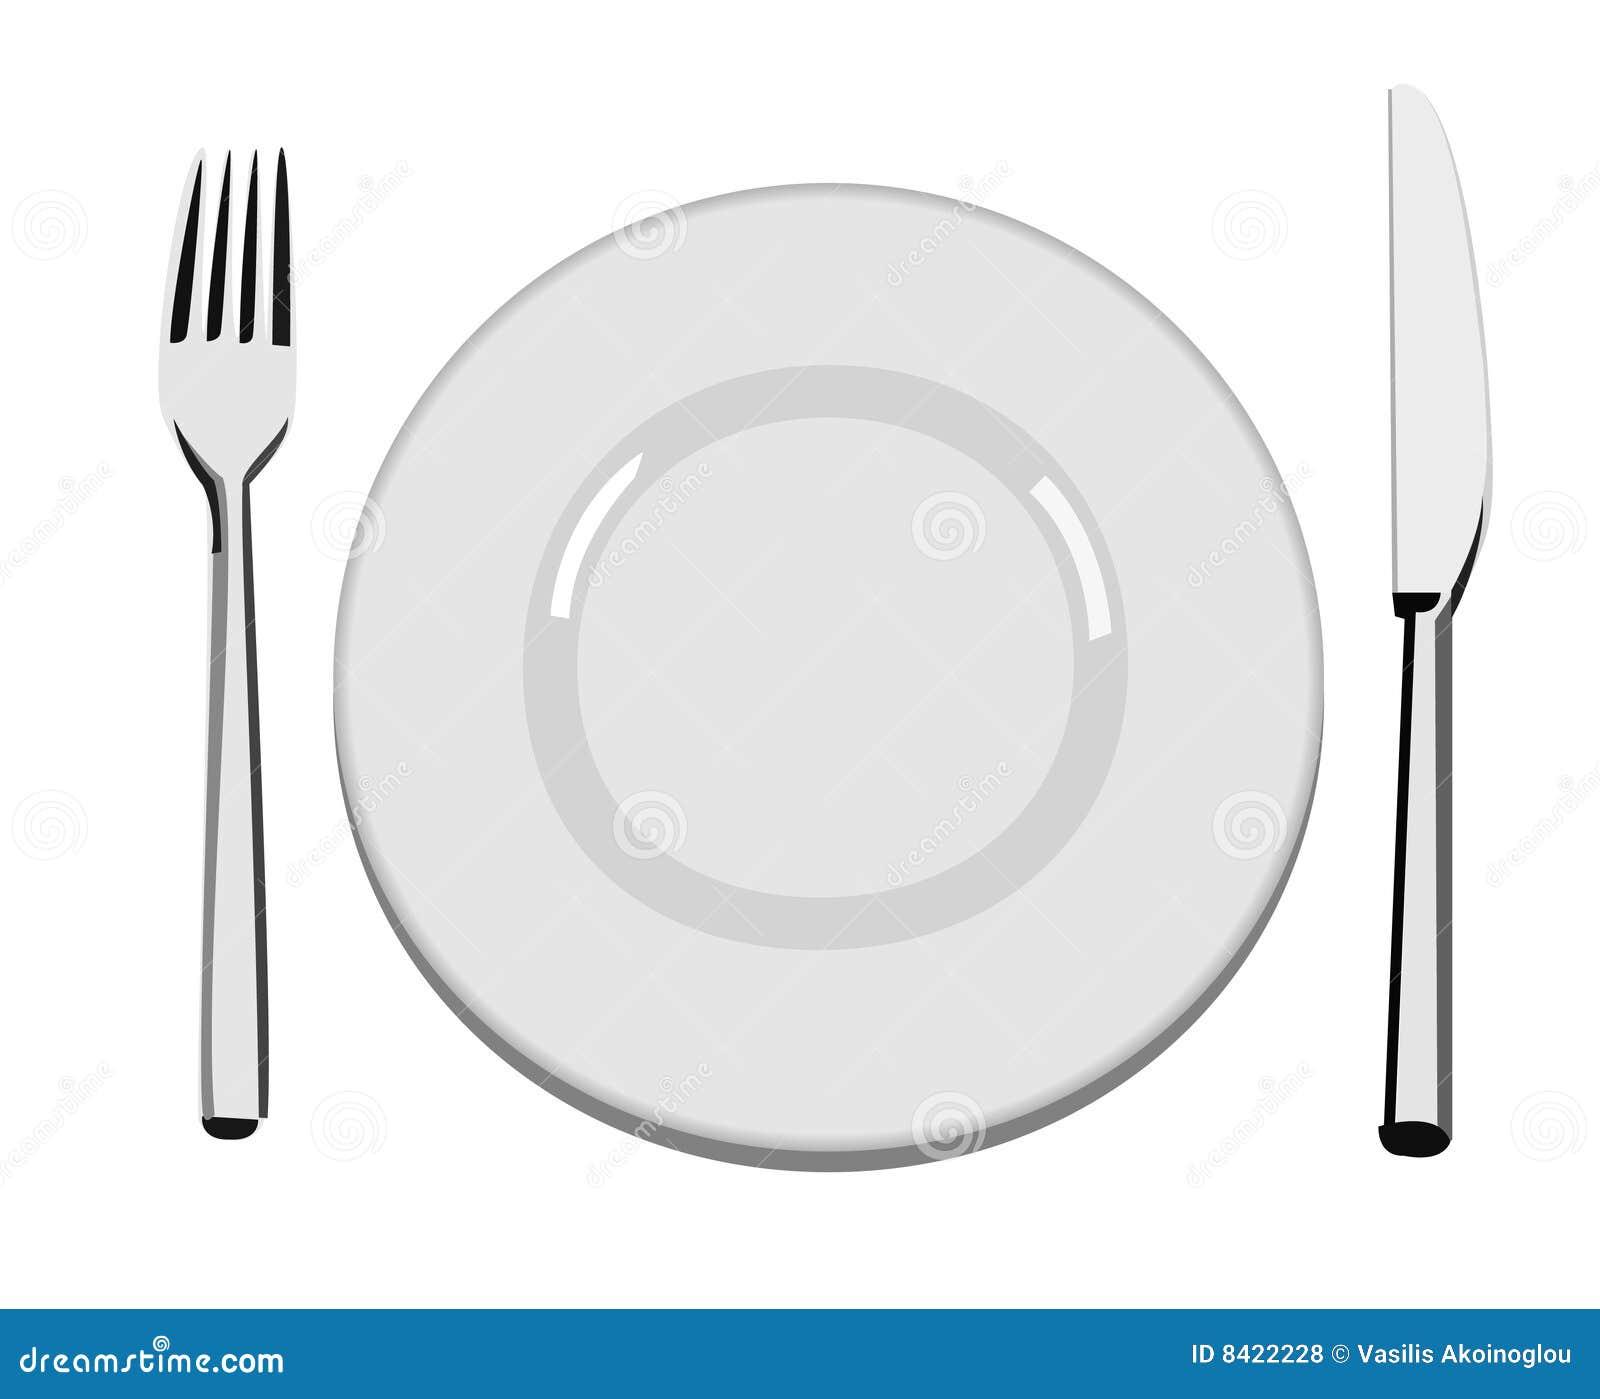 Dinner Plate Stock Vector Illustration Of Tableware